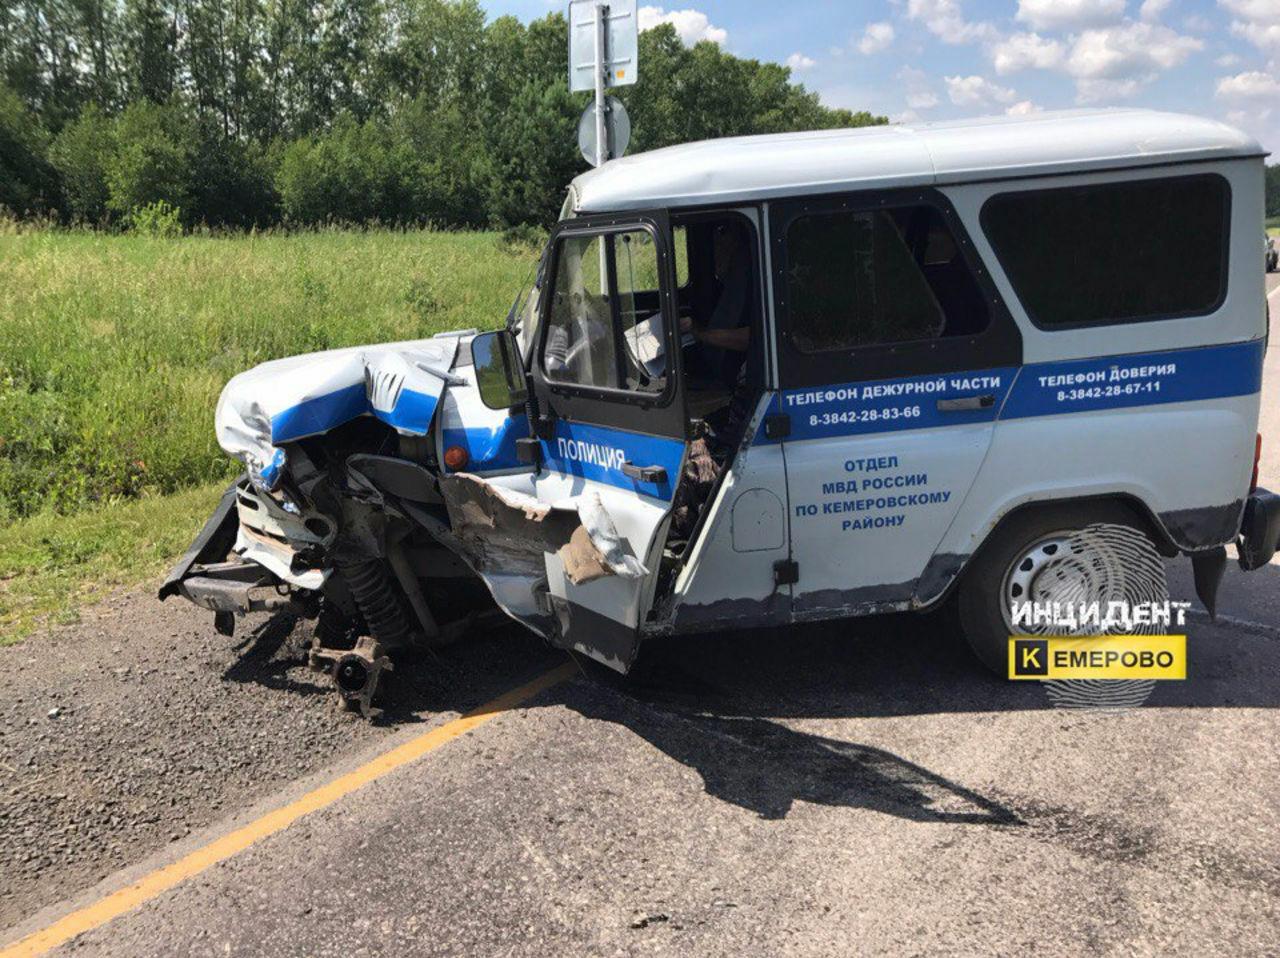 Гражданин Кемеровского района ответит всуде засерьезную трагедию сполицейским автомобилем